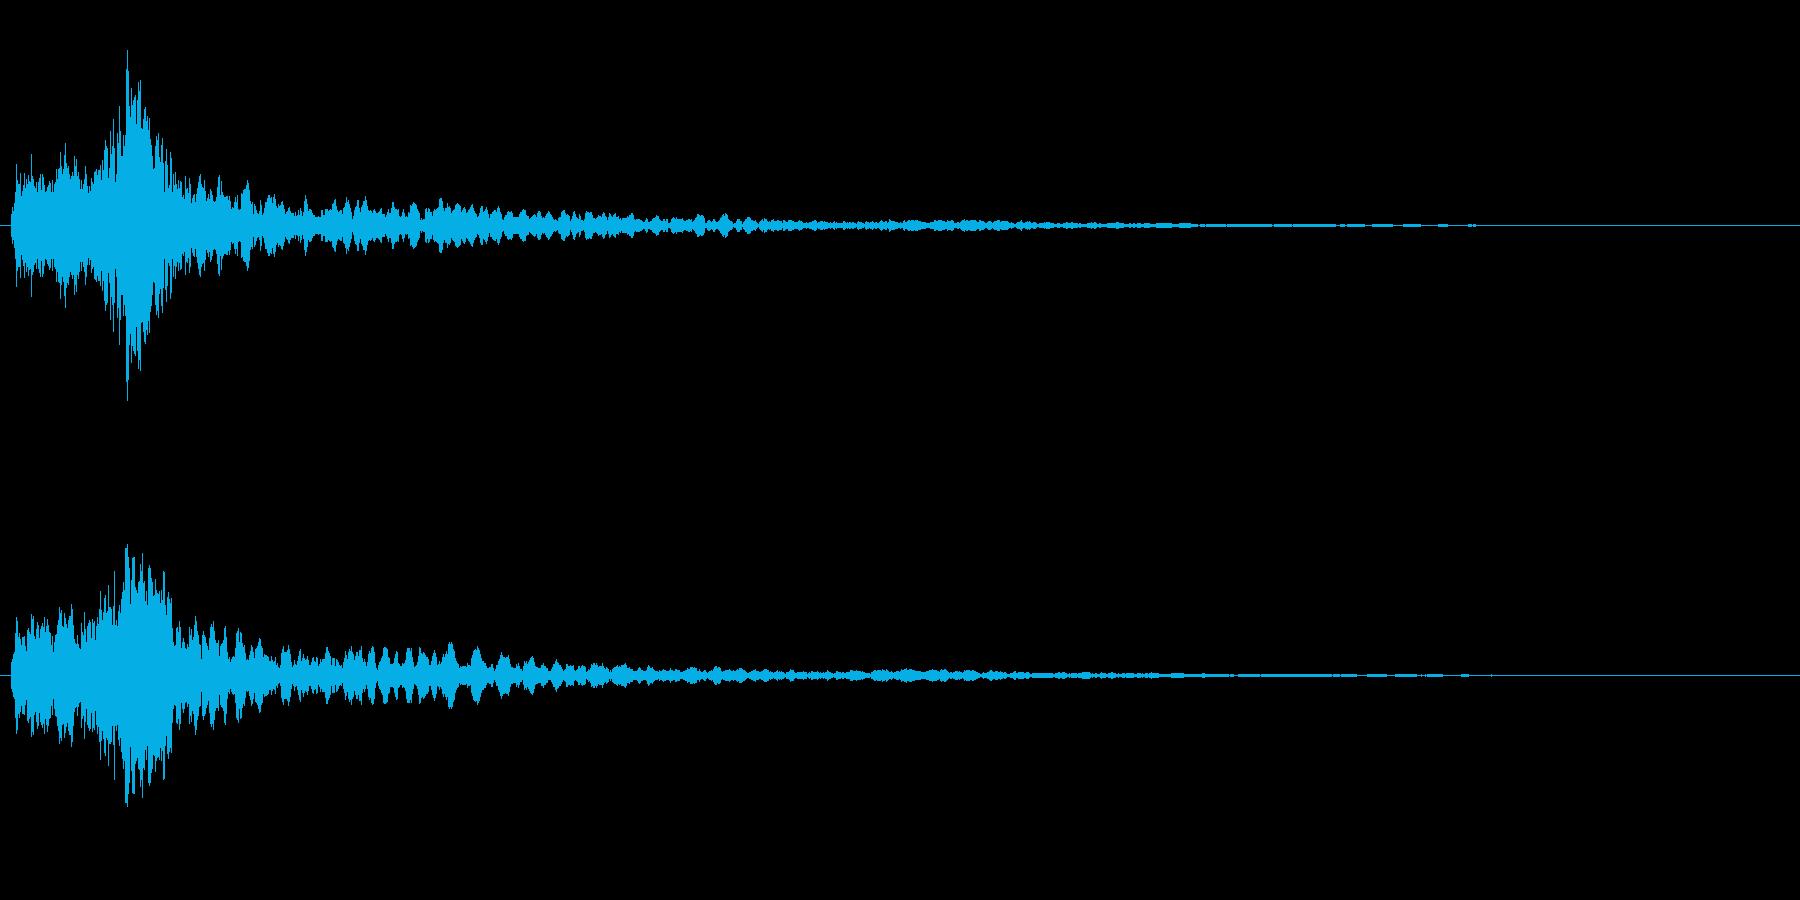 サスペンスに最適!ピアノの弦を弄ぶ音49の再生済みの波形